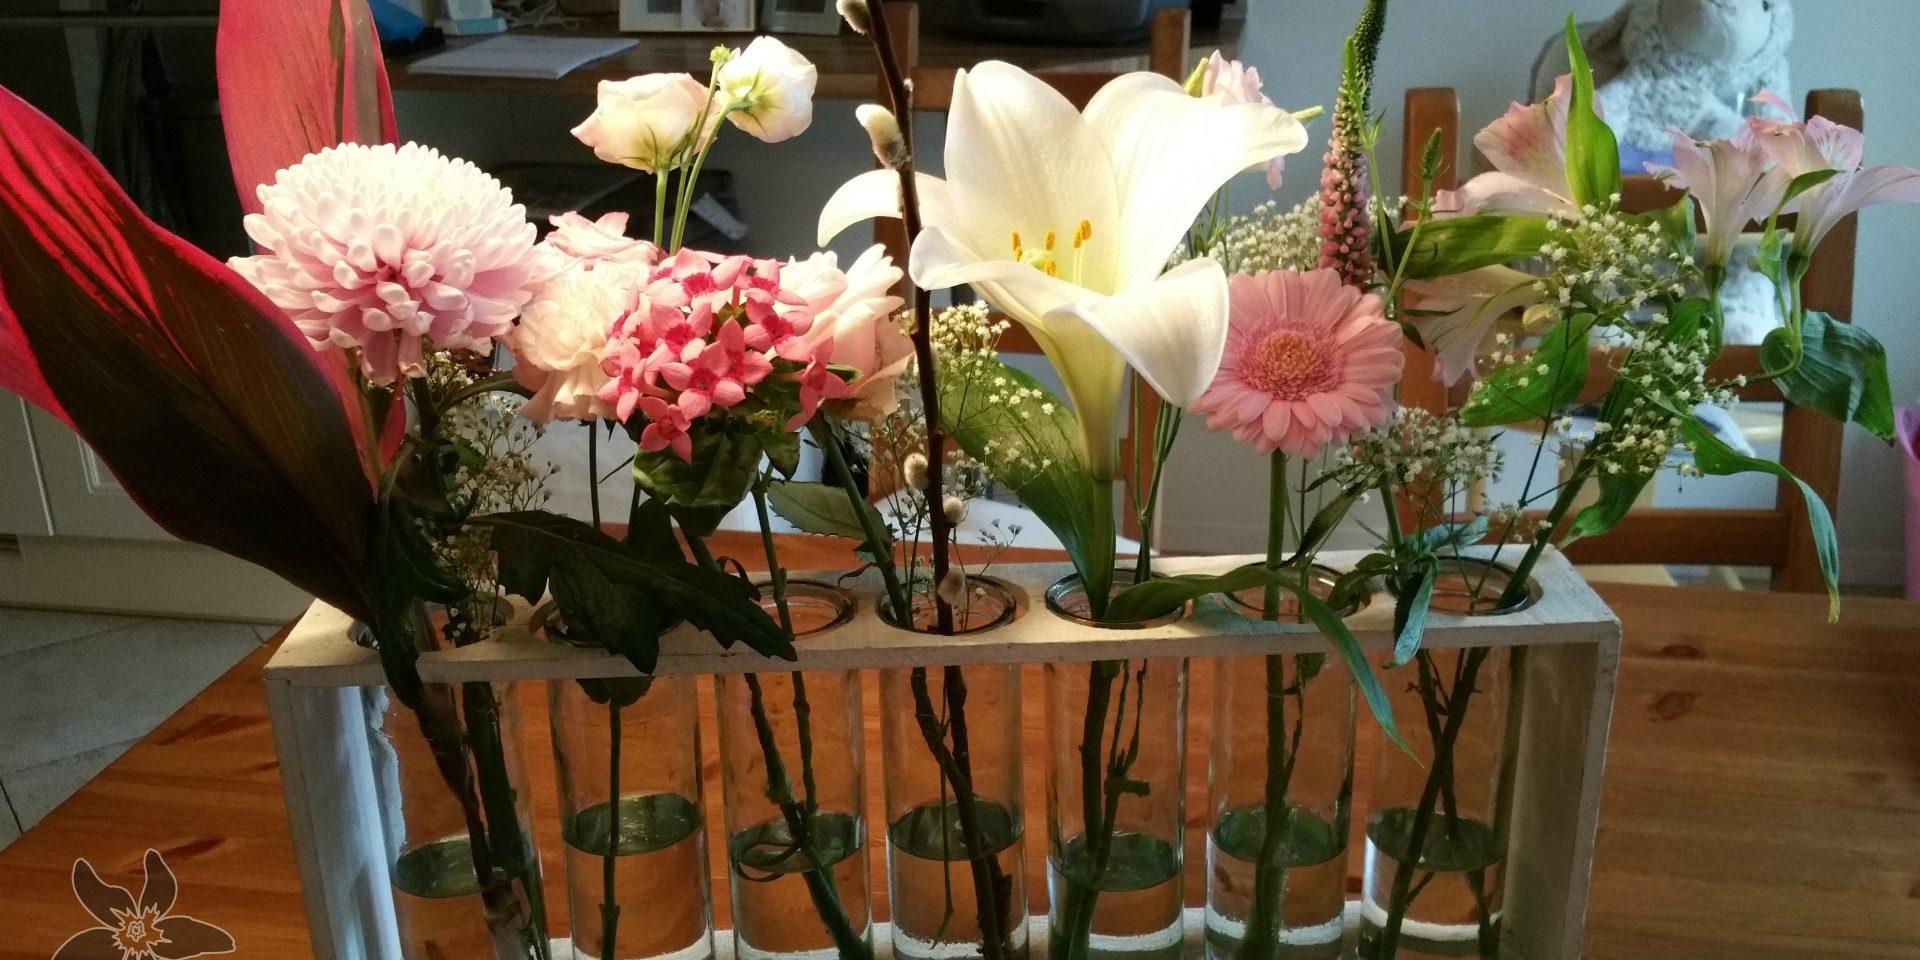 Summerflowers Blog week 51 2018